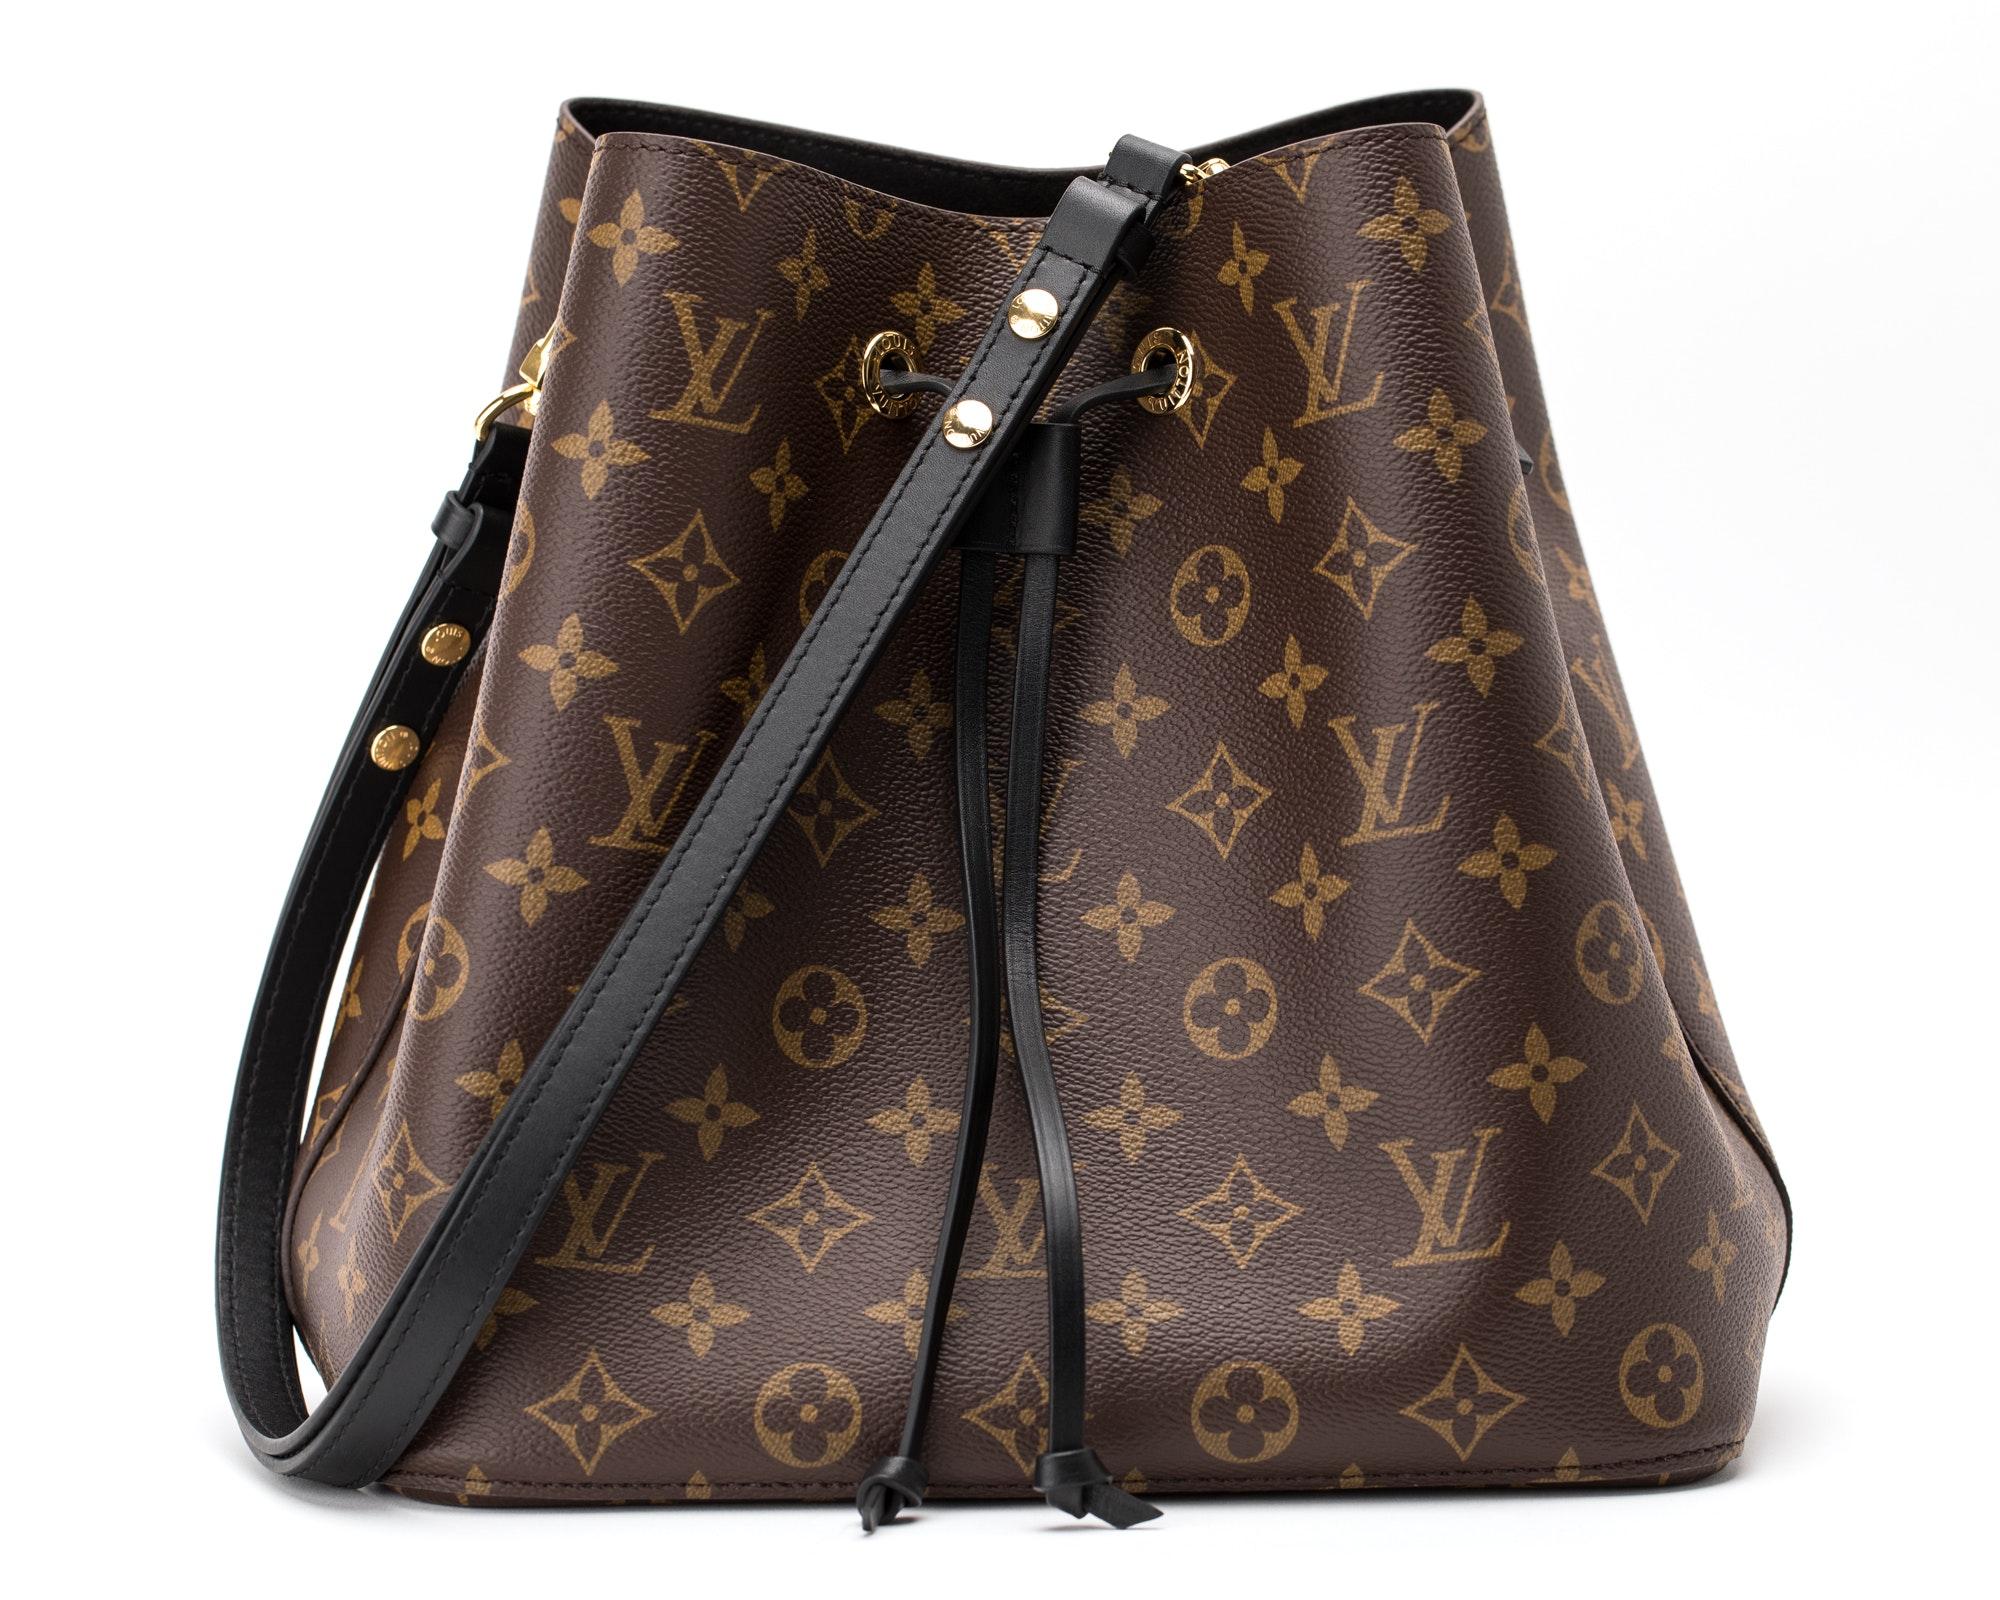 Louis Vuitton Neonoe Monogram Brown/Black